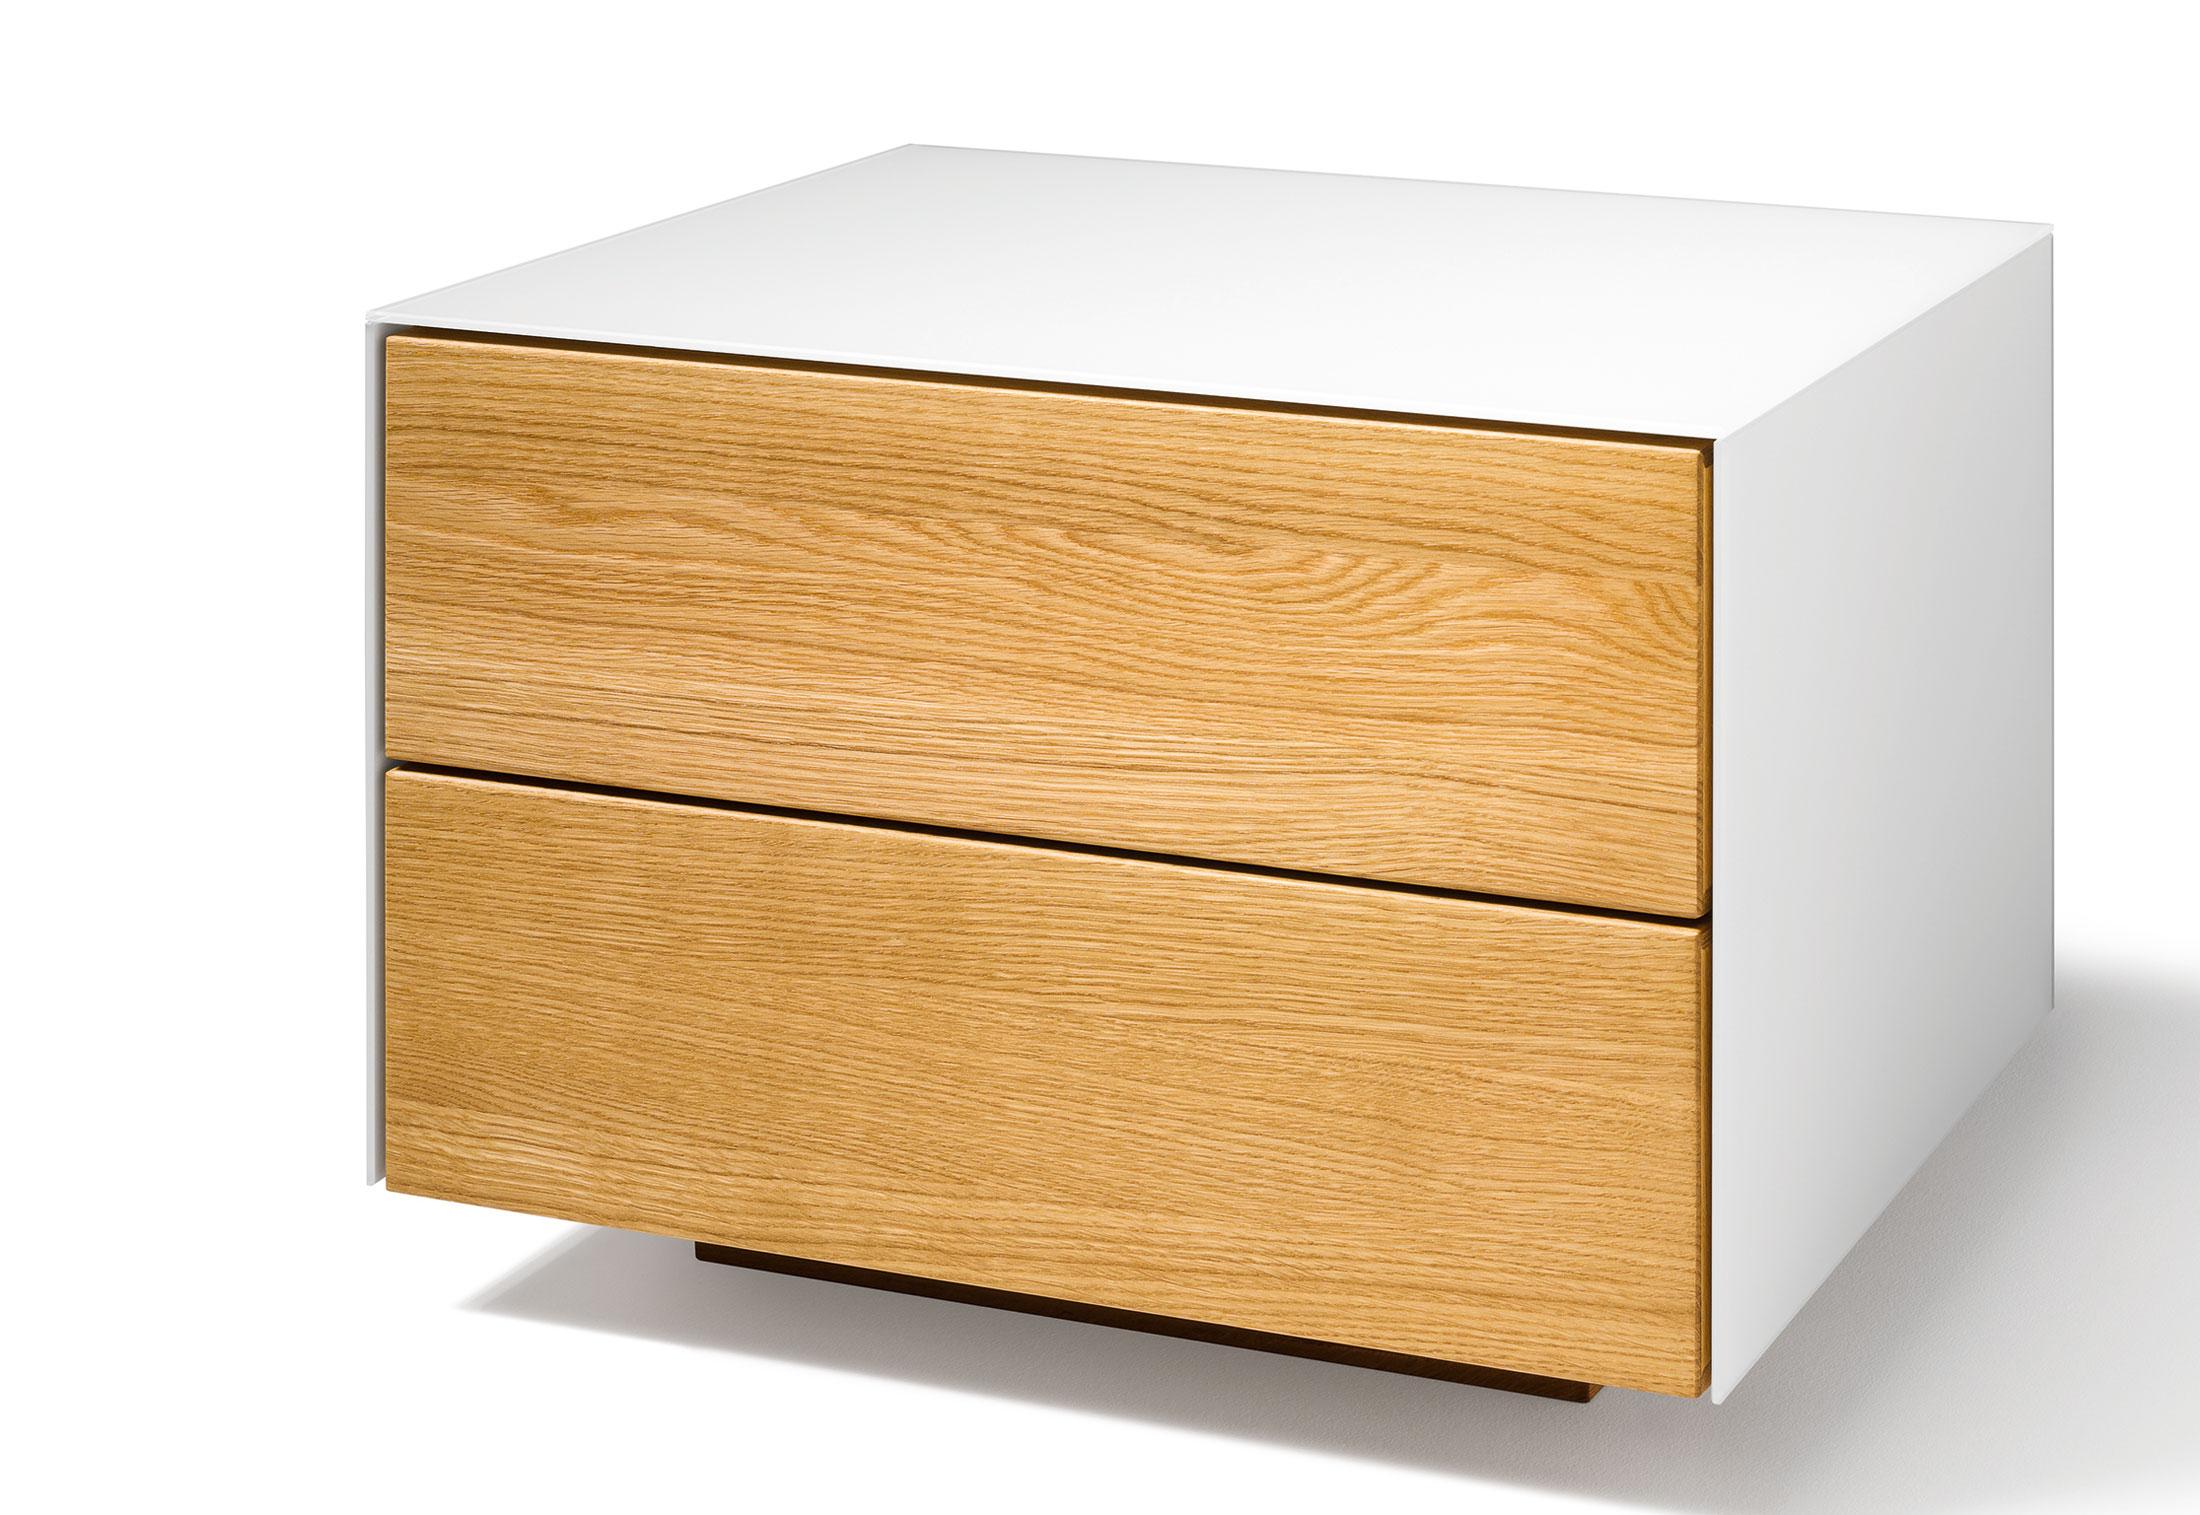 kchentisch schmal cool rauch select nachttisch with kchentisch schmal best cs schmal with. Black Bedroom Furniture Sets. Home Design Ideas